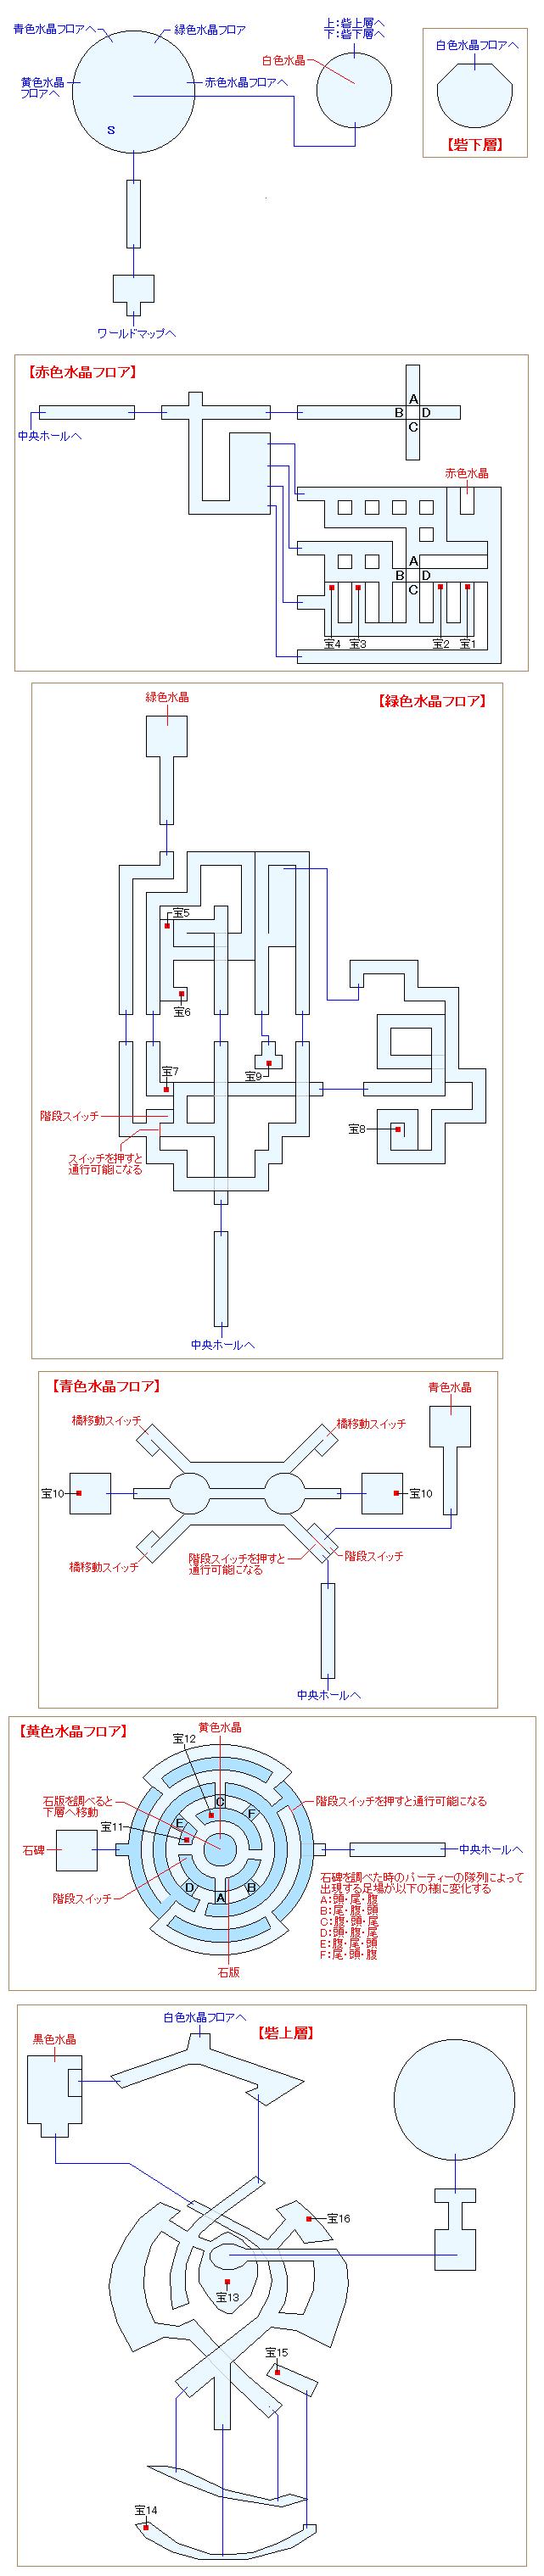 古龍の砦(ANOTHER)マップ画像